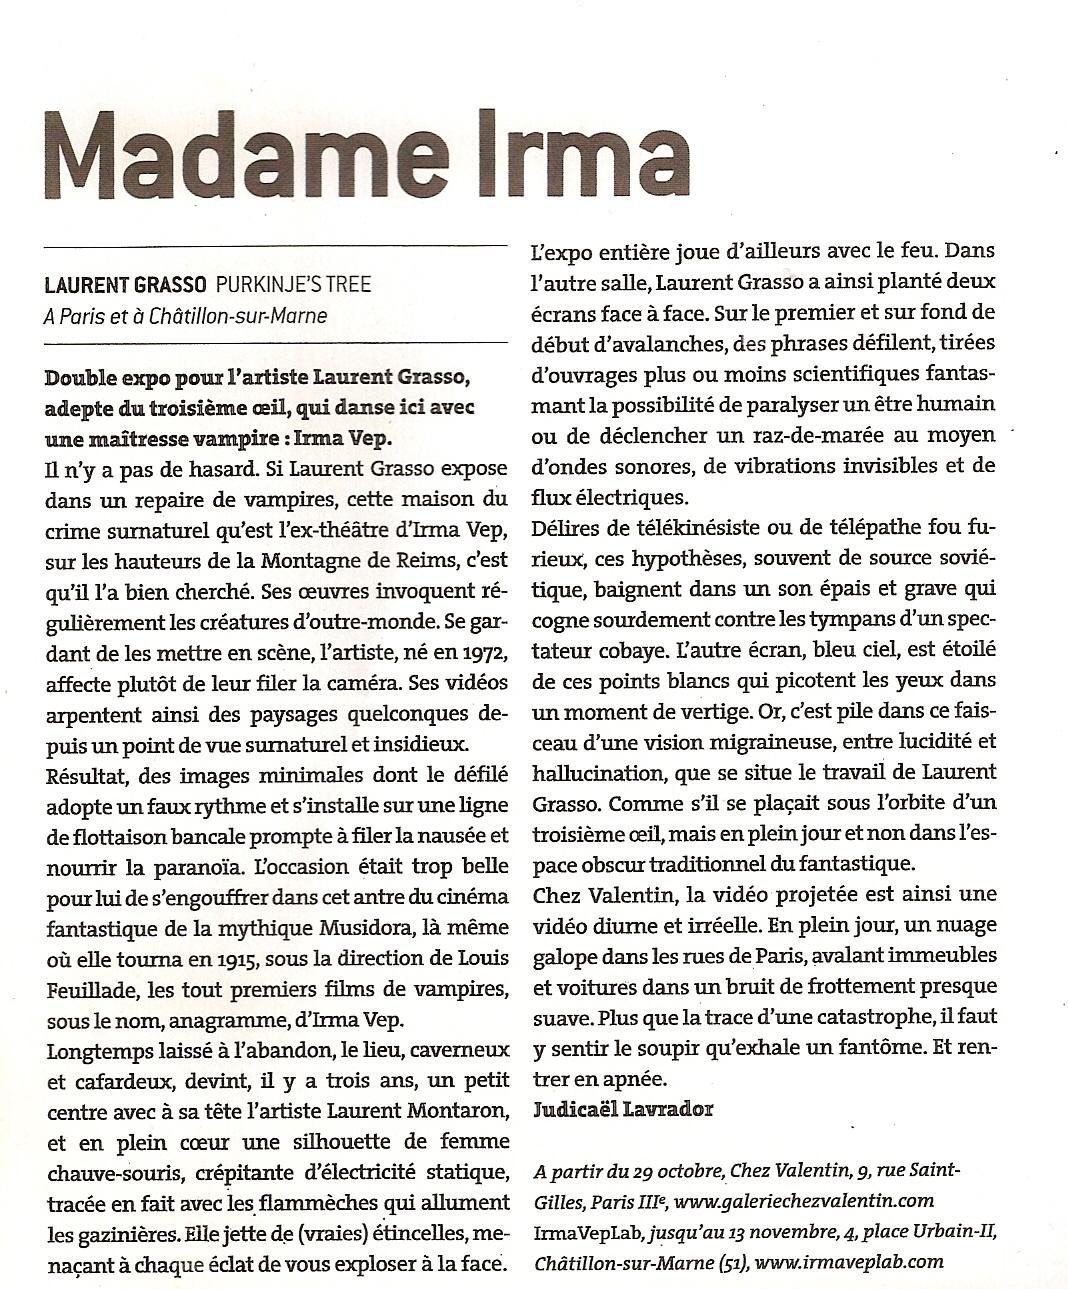 Laurent Grasso, Madame Irma